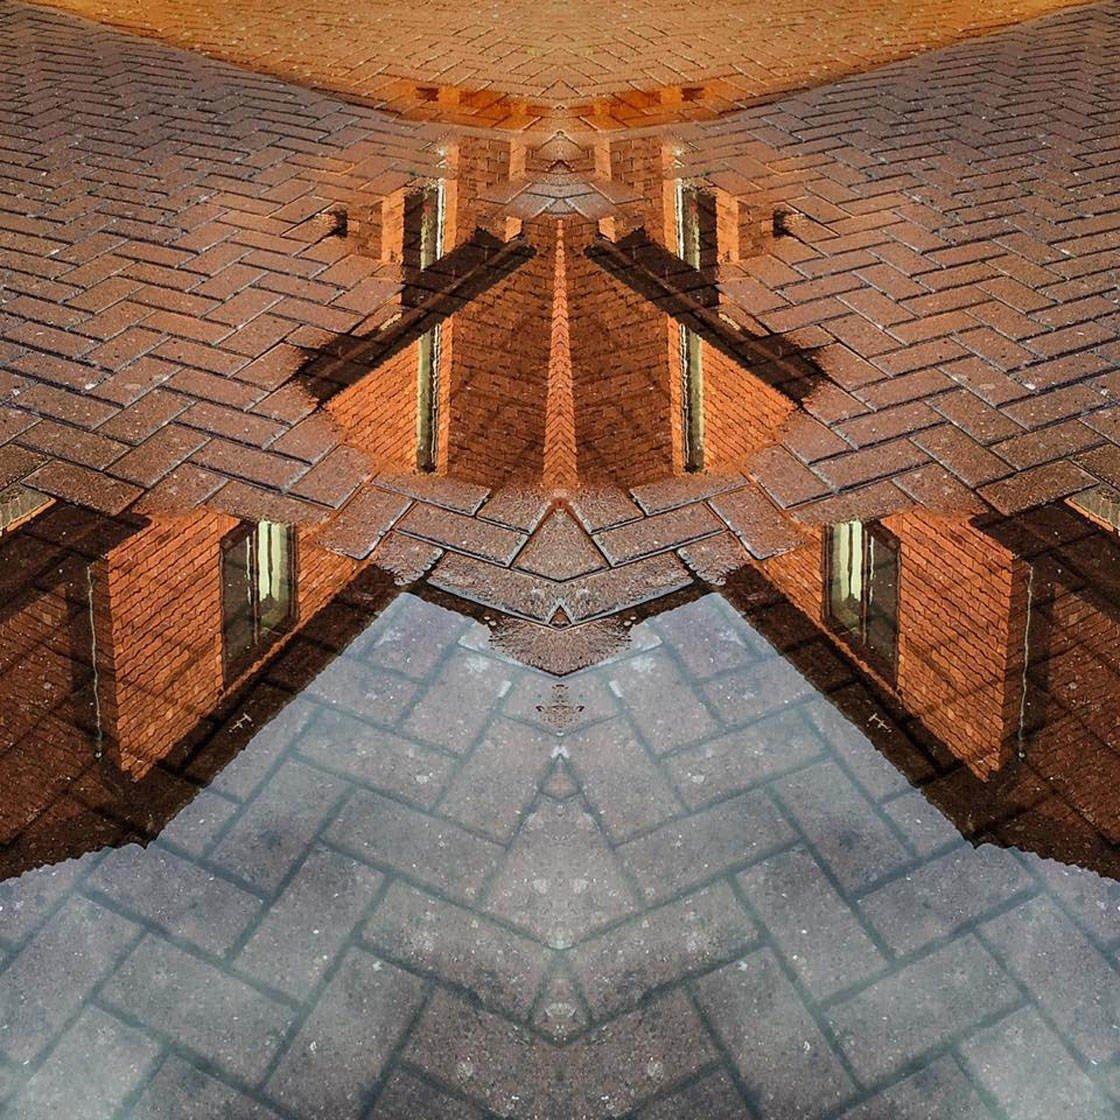 Abstract iPhone Photos 64 no script